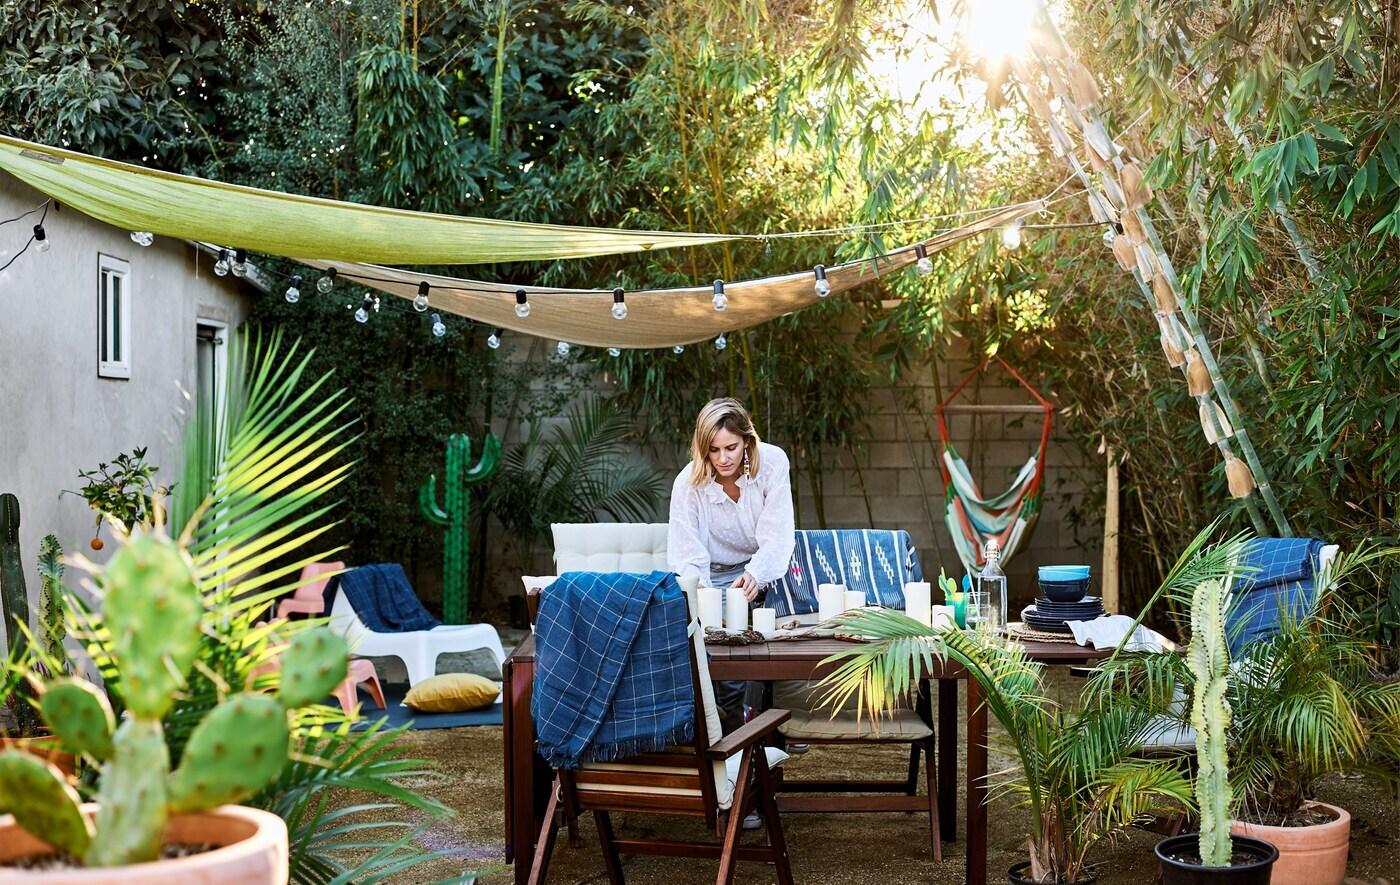 Chloé prostírá stůl na zahradě, kde je dřevěný nábytek, květiny a stromy